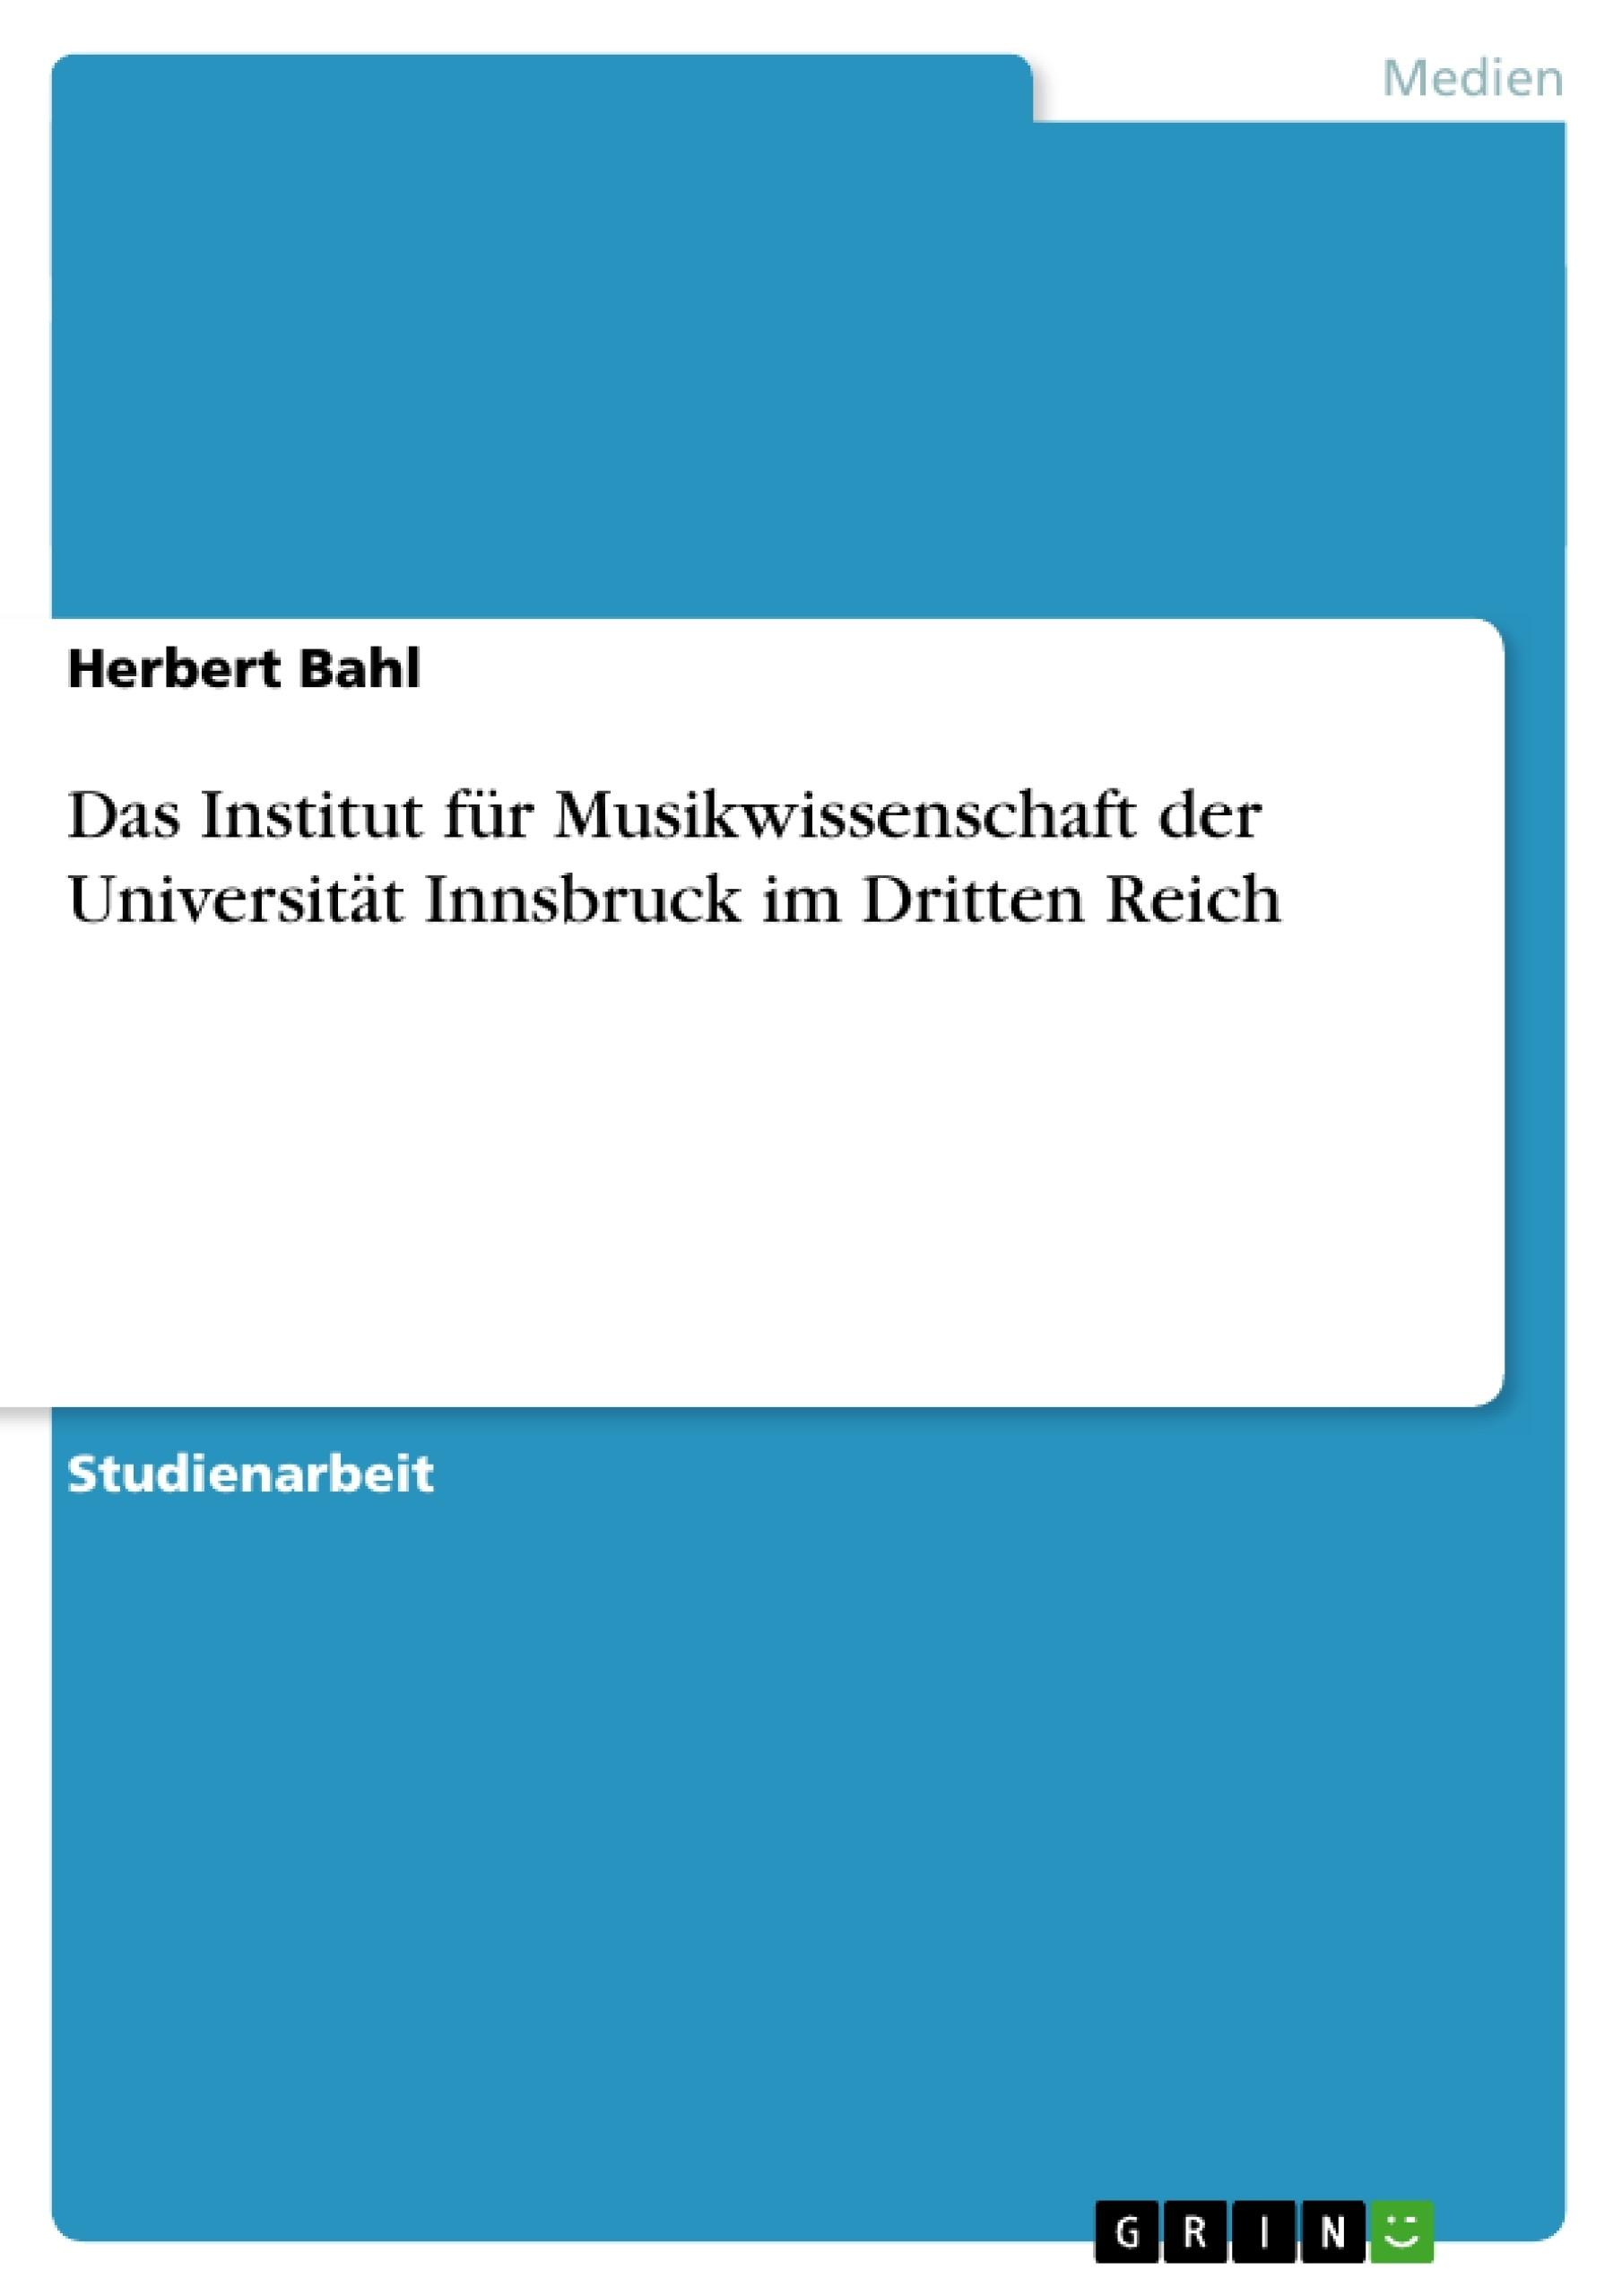 Titel: Das Institut für Musikwissenschaft der Universität Innsbruck im Dritten Reich